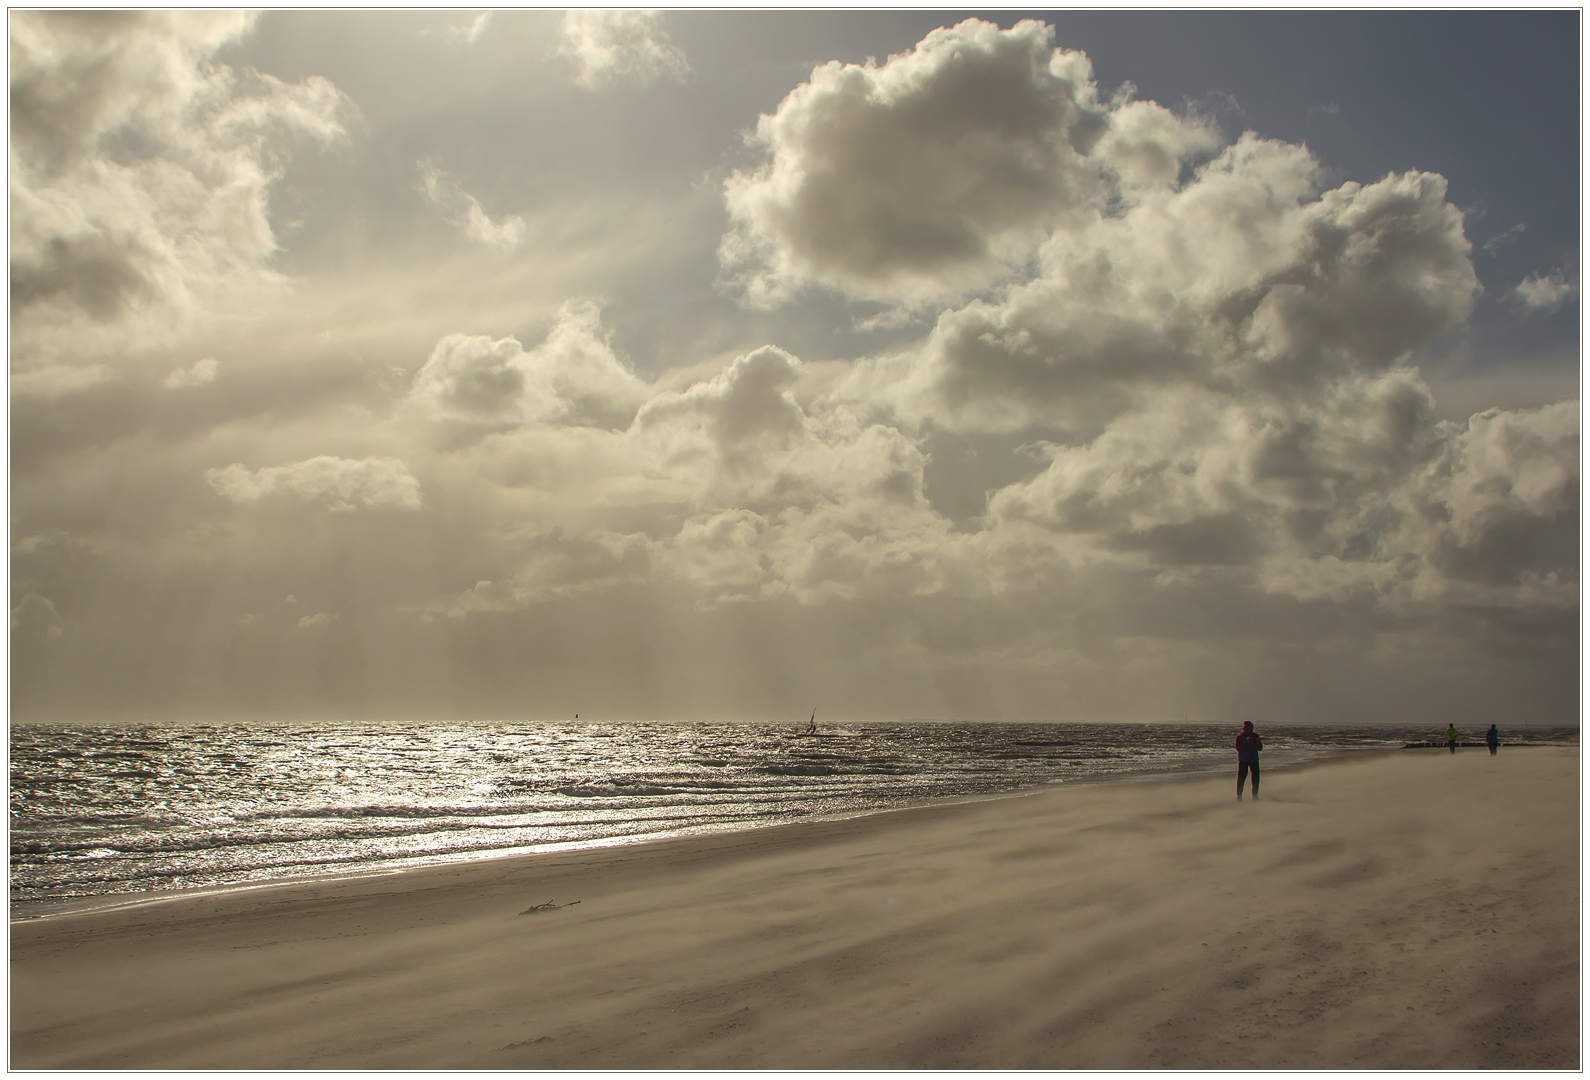 Vom Sandwehen zum Sandsturm... (1. der Sandsturm-Serie)